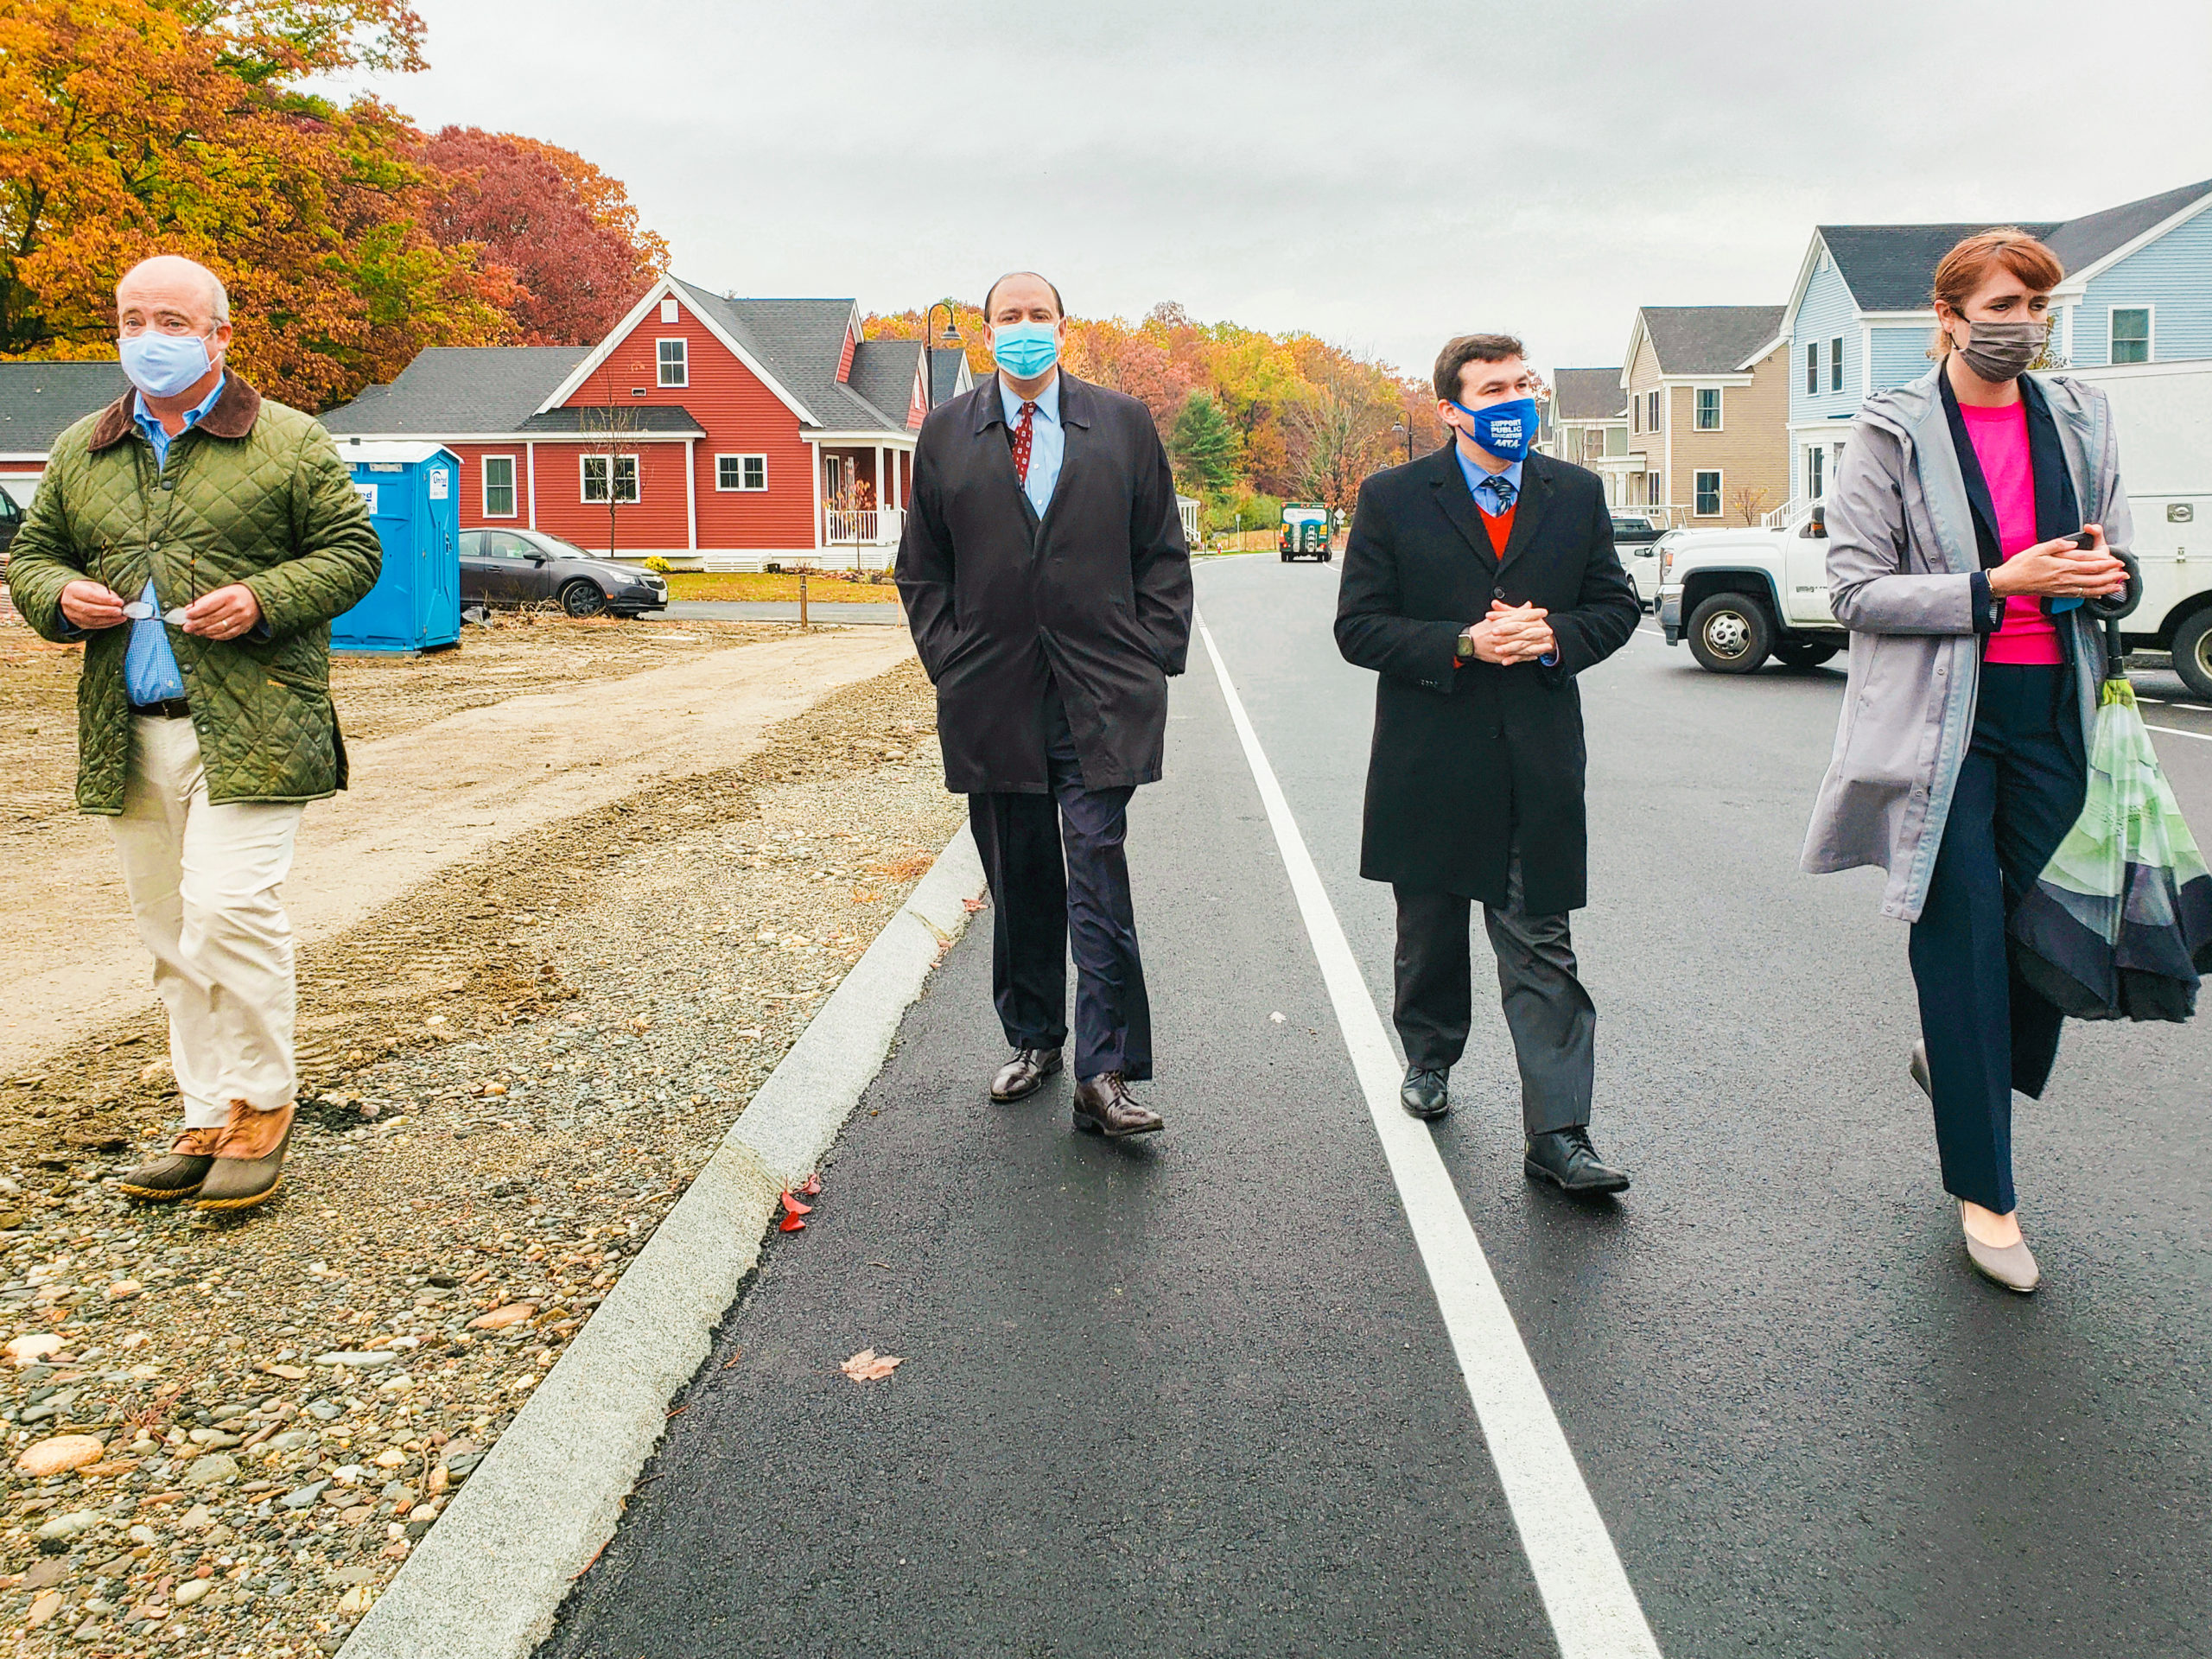 Sen. Eldridge and Rep. Sena tour the Emerson Green Housing Development with MassDevelopment, Devens, MA